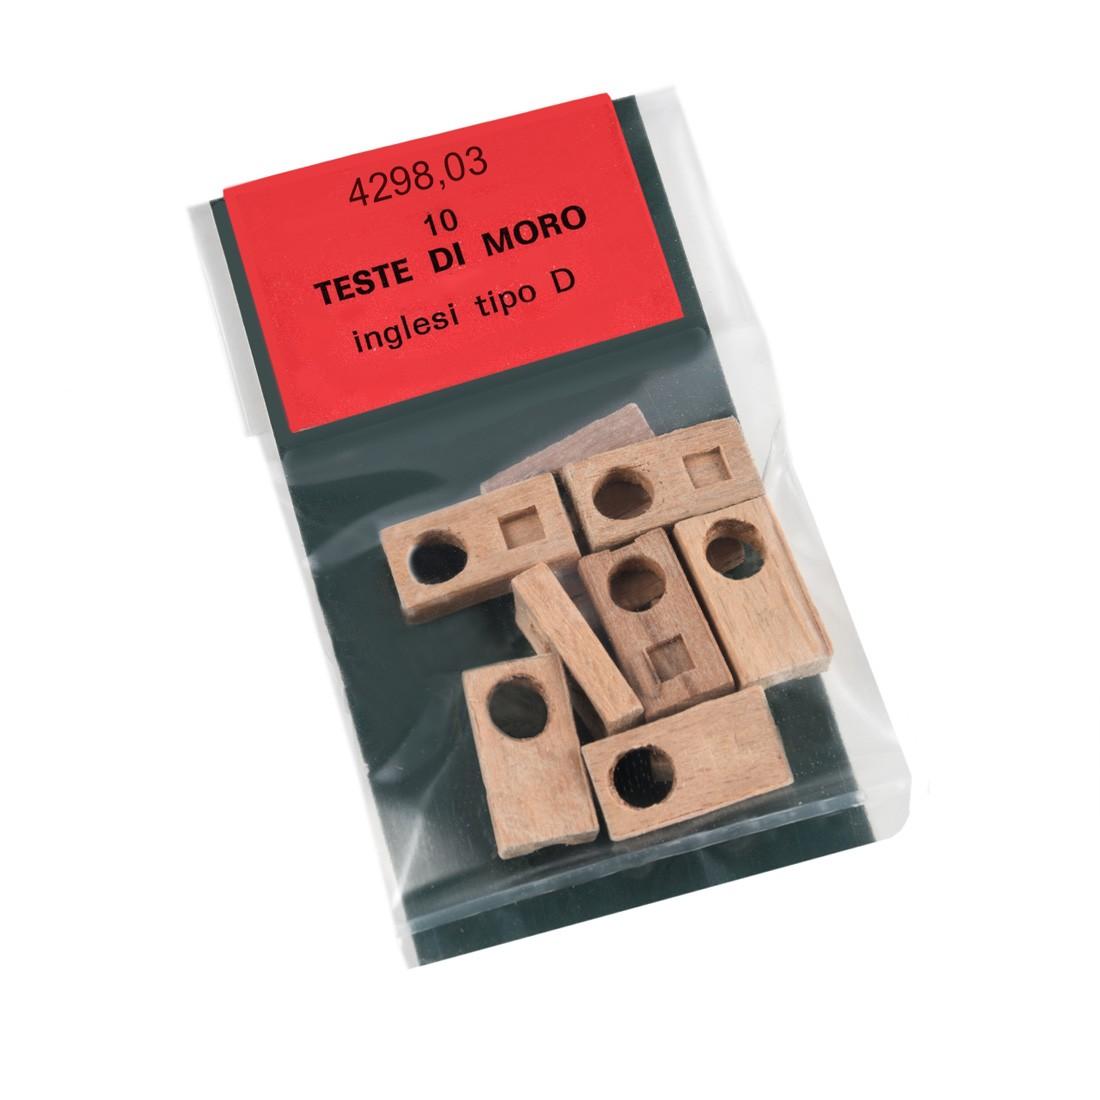 Teste di moro inglesi mm.18x10 tipo D